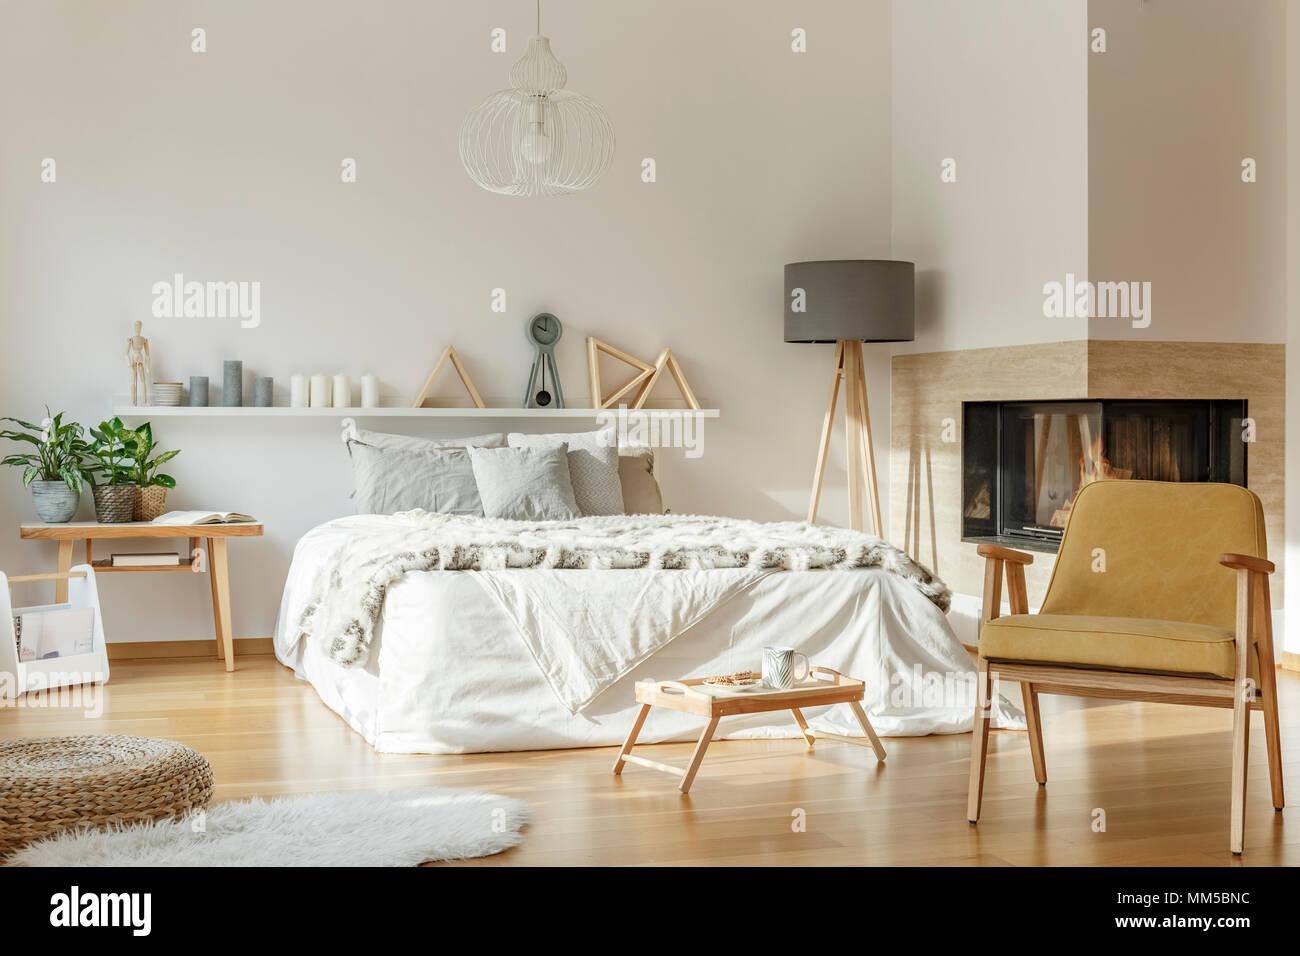 Gemutliches Schlafzimmer Stockfotos Und Bilder Kaufen Alamy